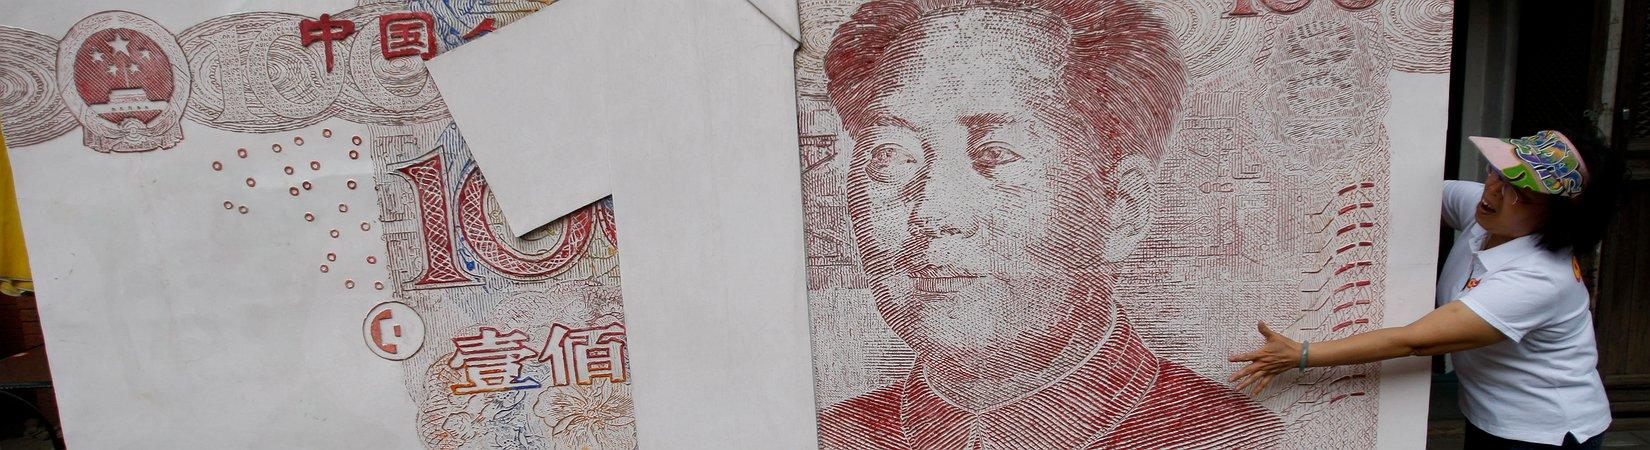 Китай решил встряхнуть рынок облигаций